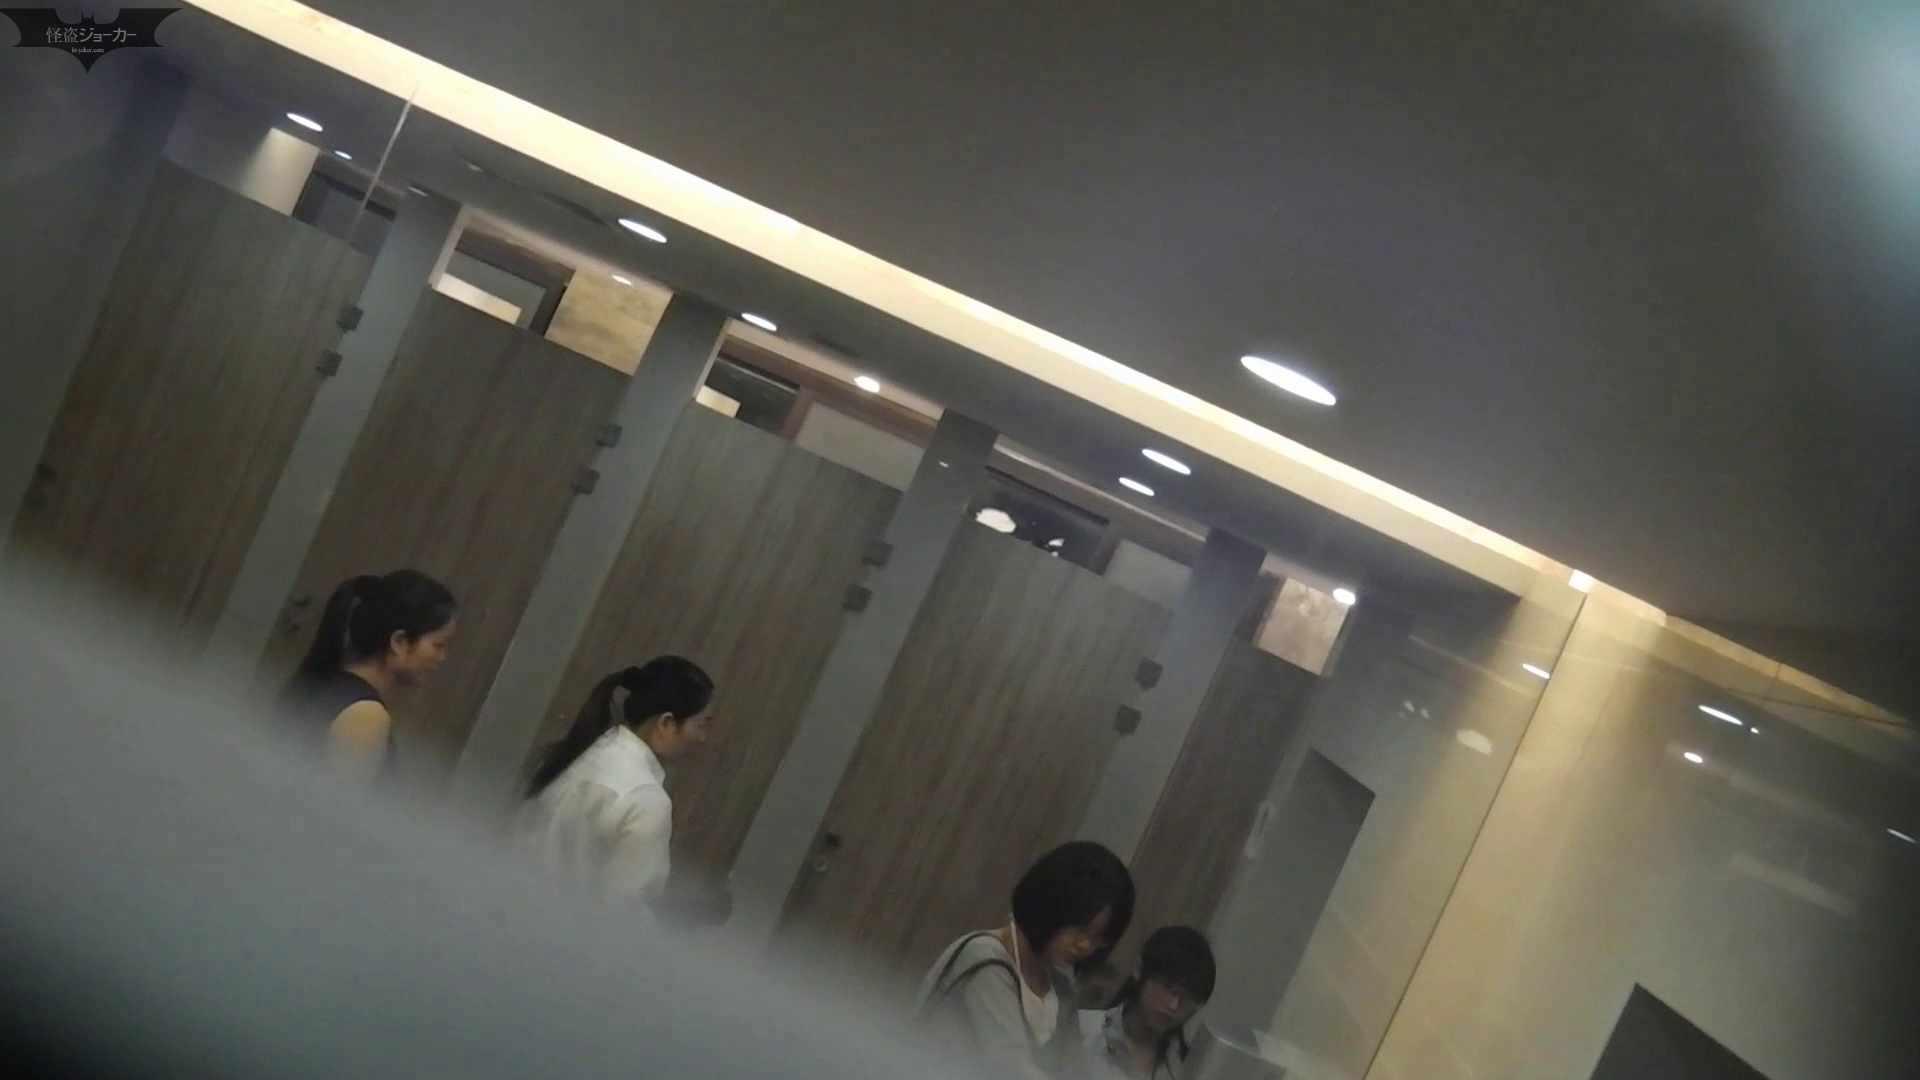 和式洋式七変化 Vol.28 綺麗に撮れました。(ー_ー)!! 洗面所 盗撮エロ画像 105pic 86